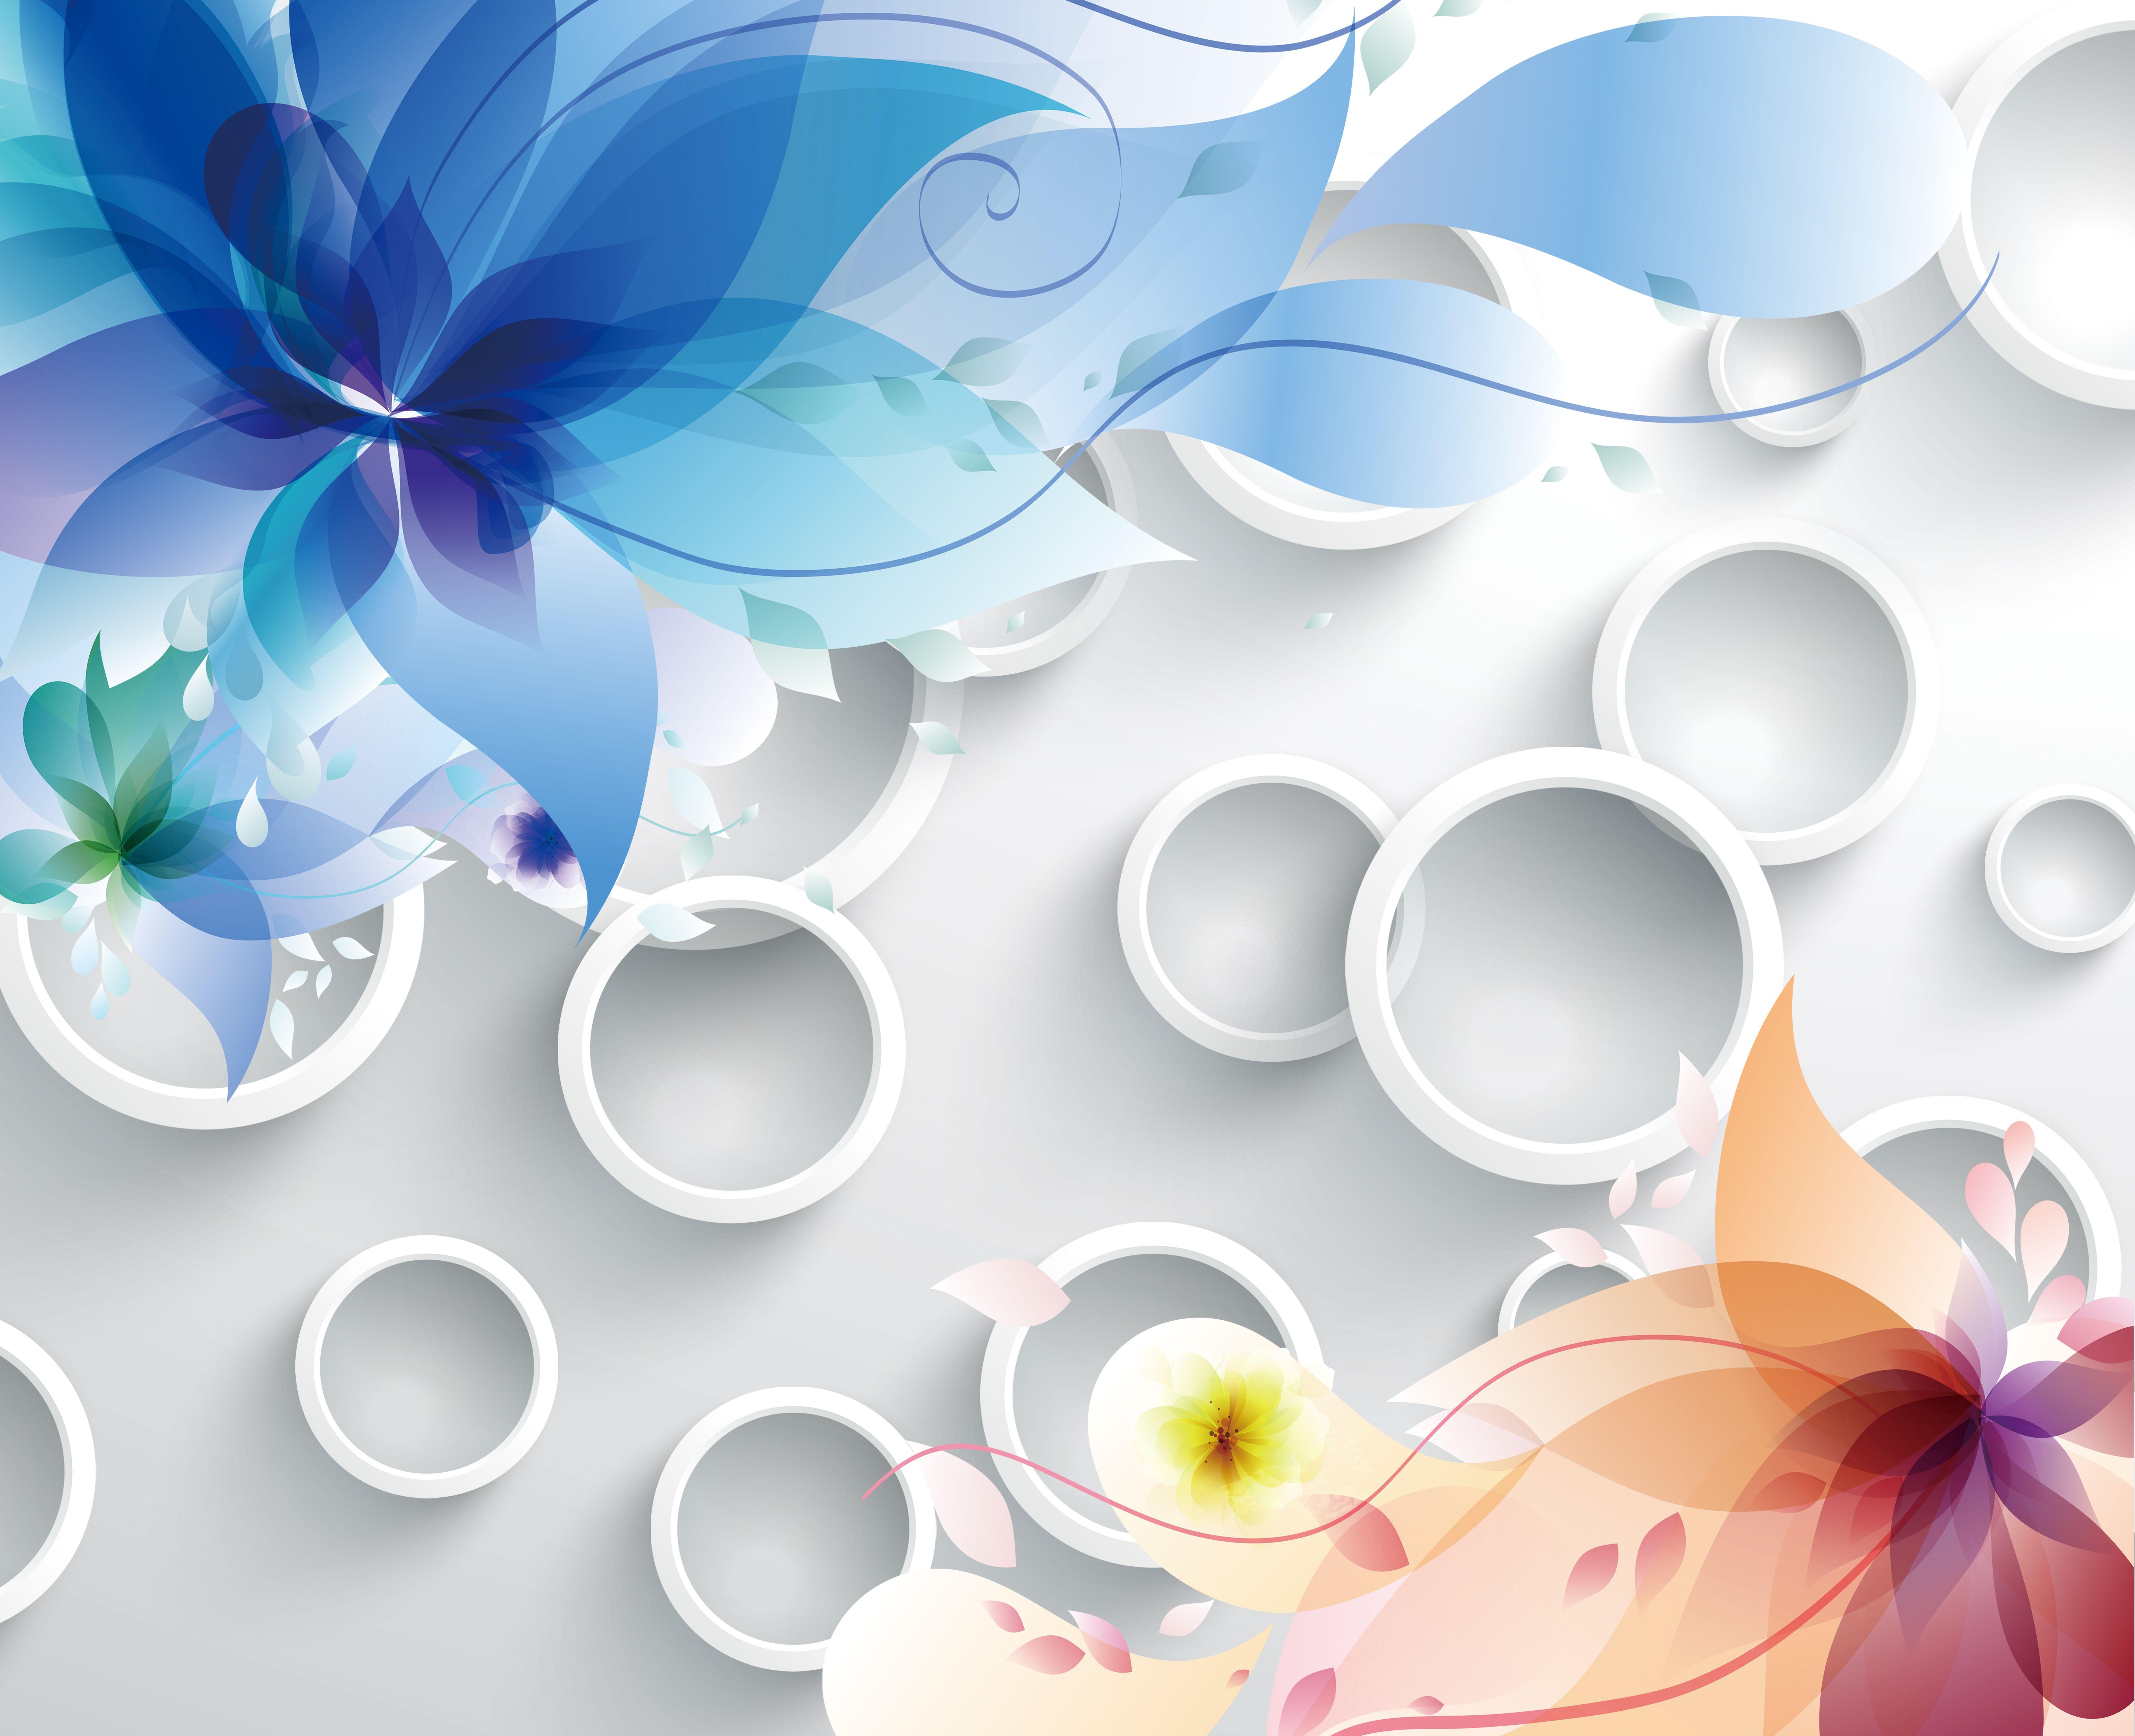 Padrão Floral Design Decoração Background in 2019